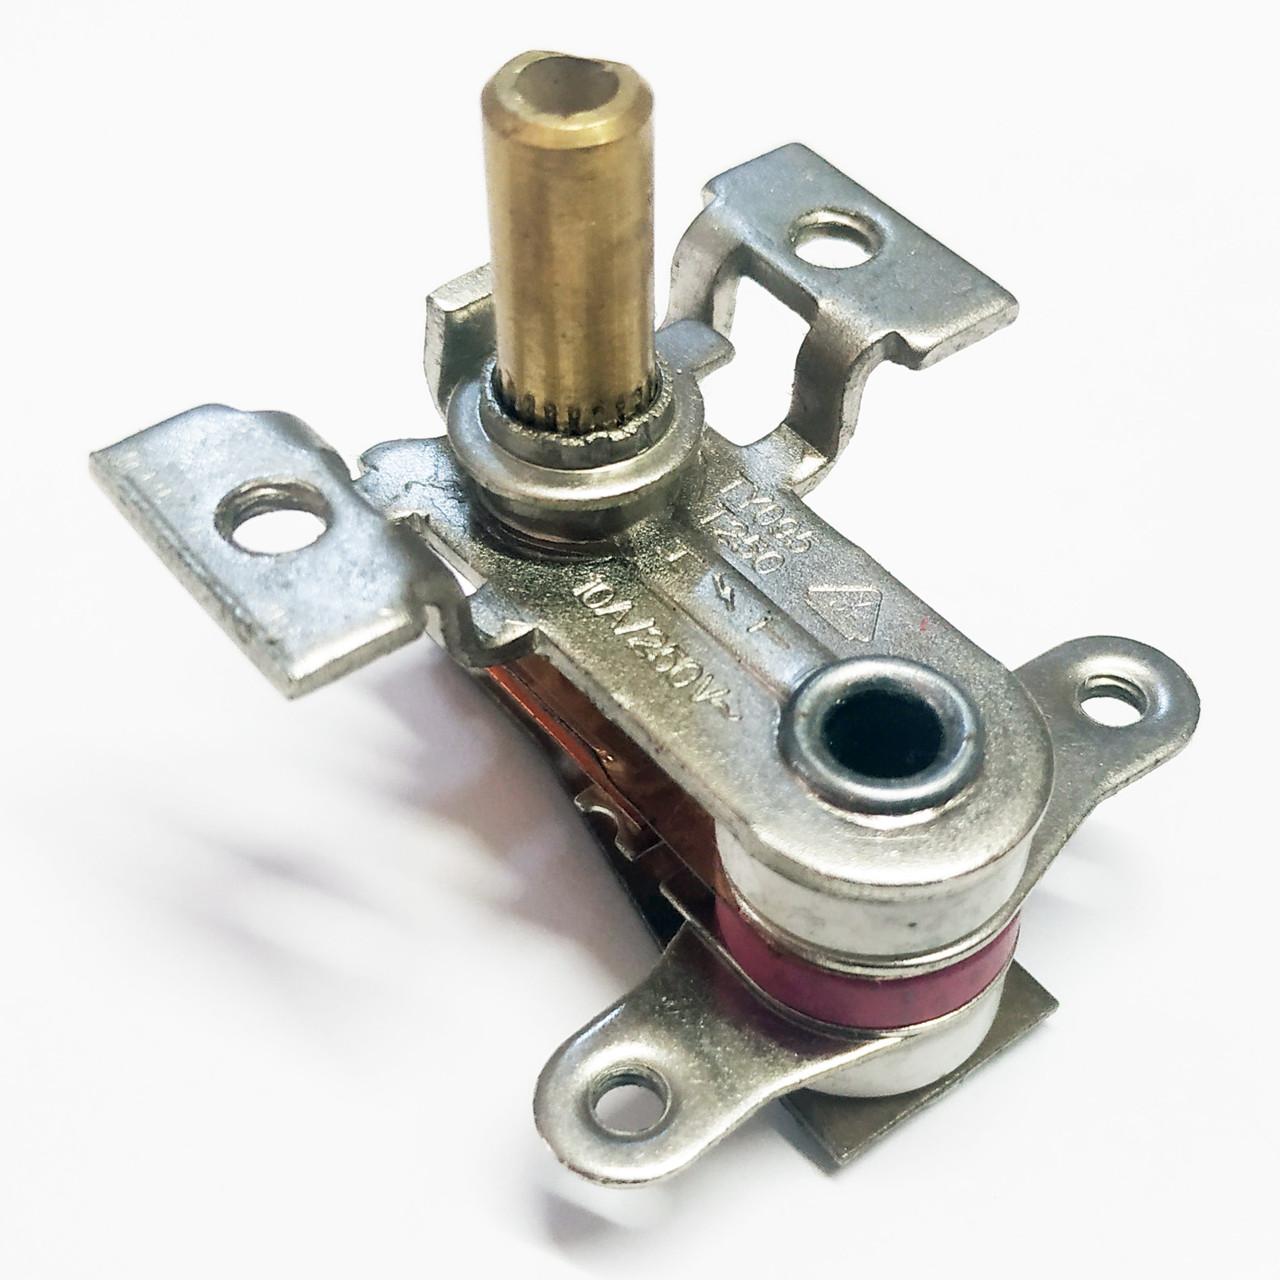 Термостат(терморегулятор) TY095 (TY003) 10А / 250V / T 250 для электроплиты Термия, Элна и обогревателей.